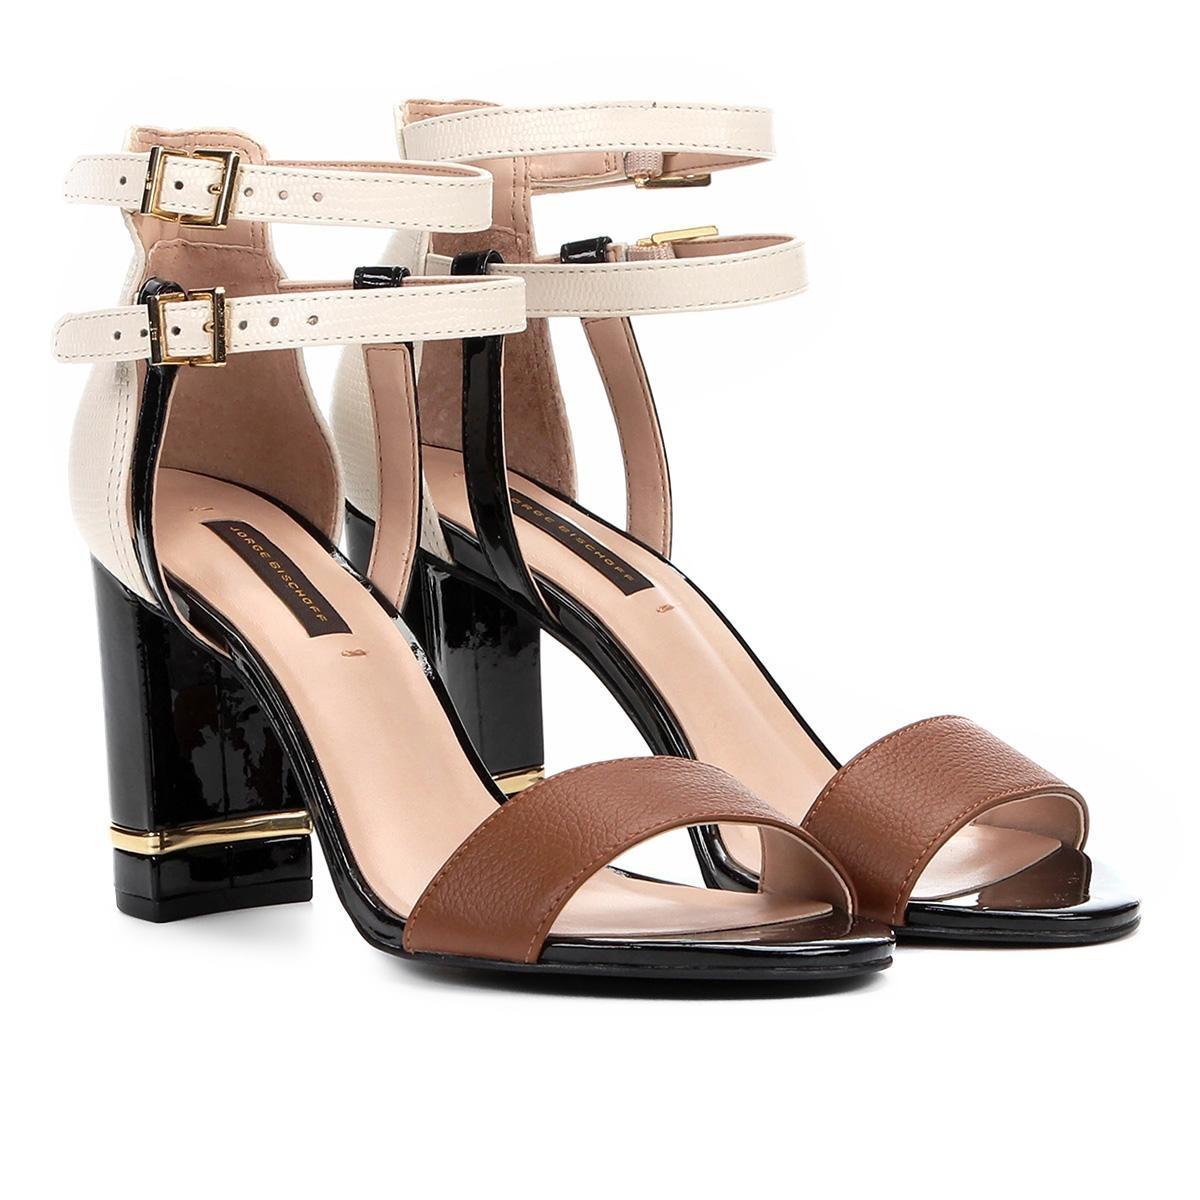 3193d54f8 sandália couro jorge bischoff salto grosso arraia feminina. Carregando zoom.